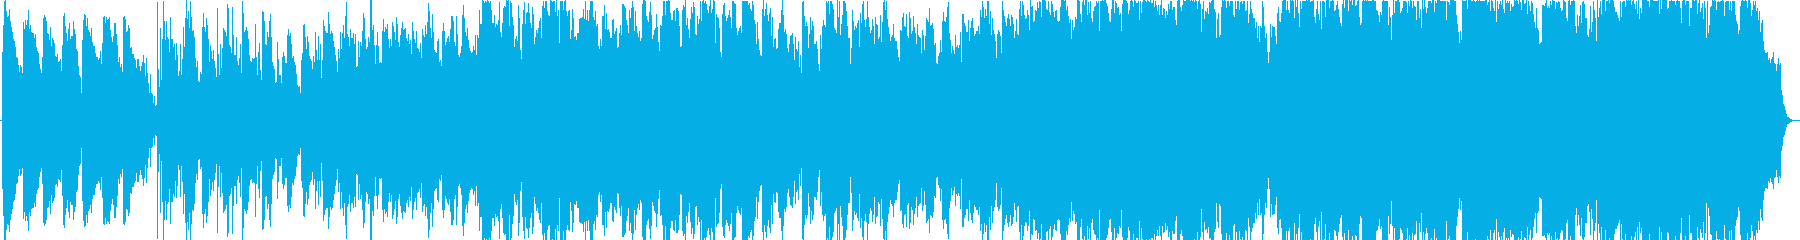 薄暗い森のイメージのヒーリング音楽の再生済みの波形